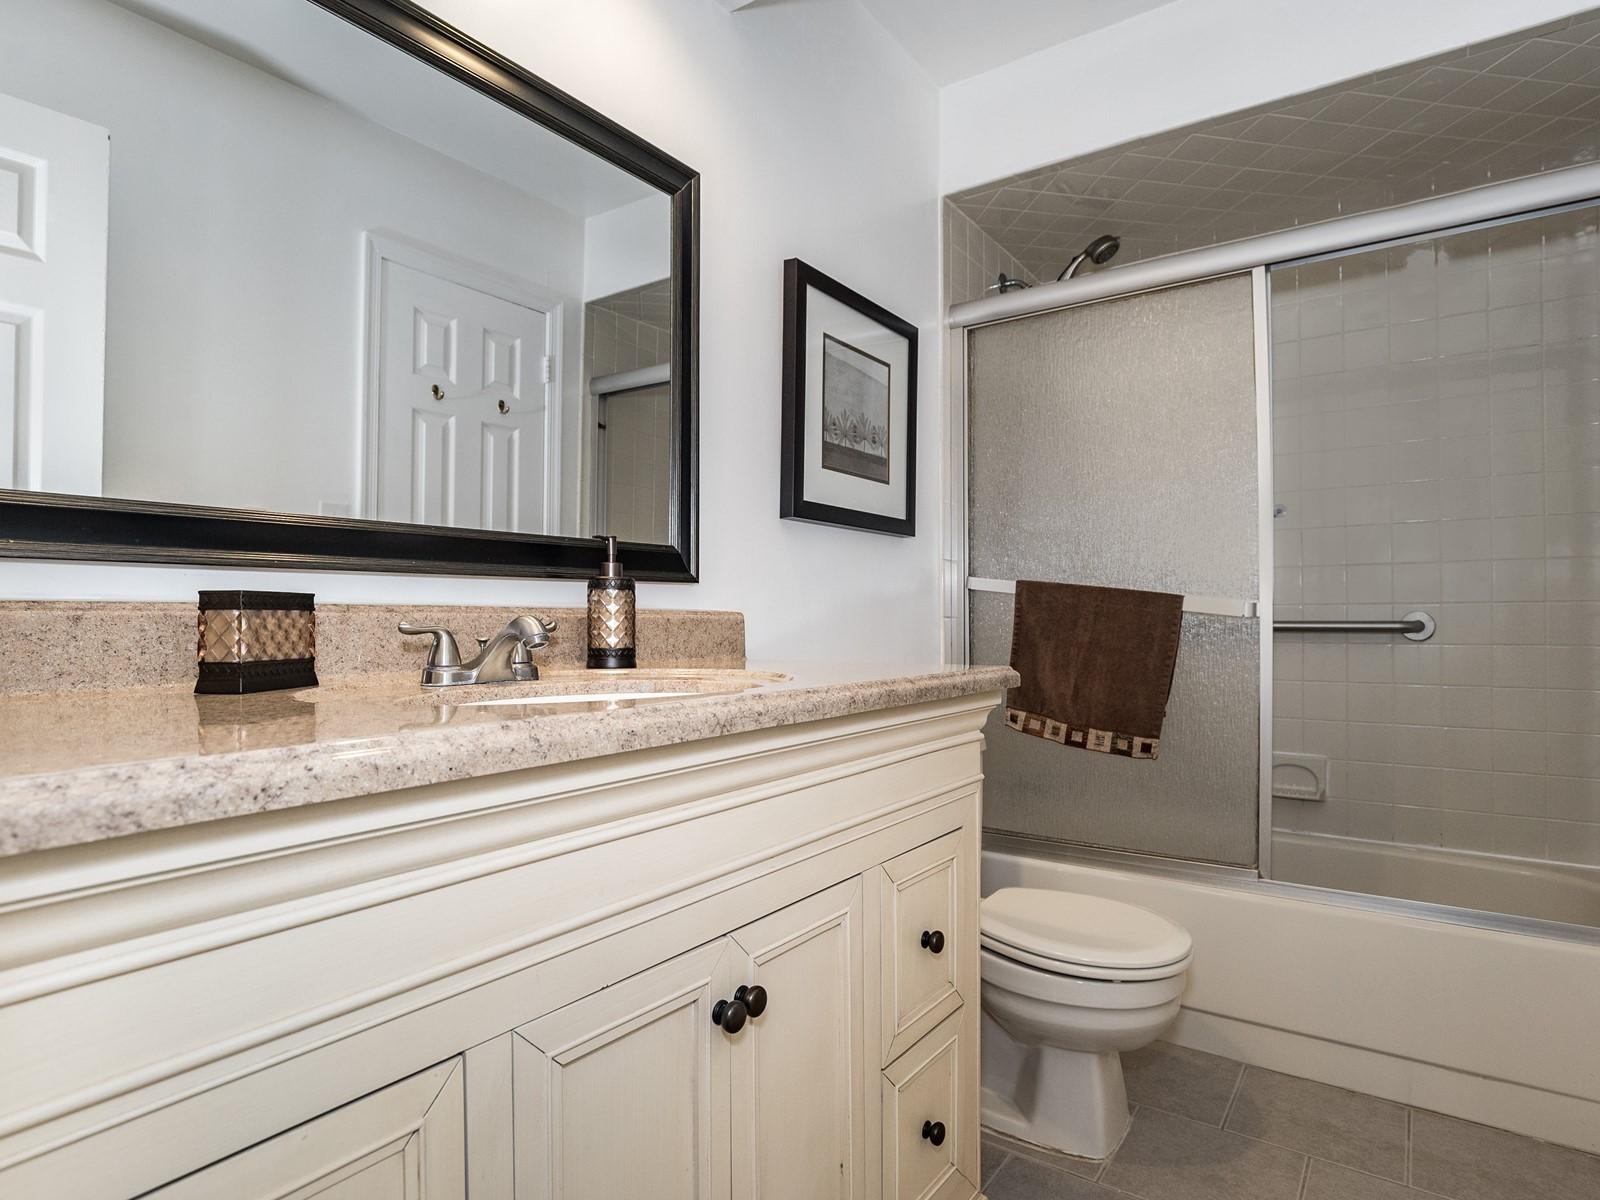 Woodbridge 404 Furnished Apartment bathroom